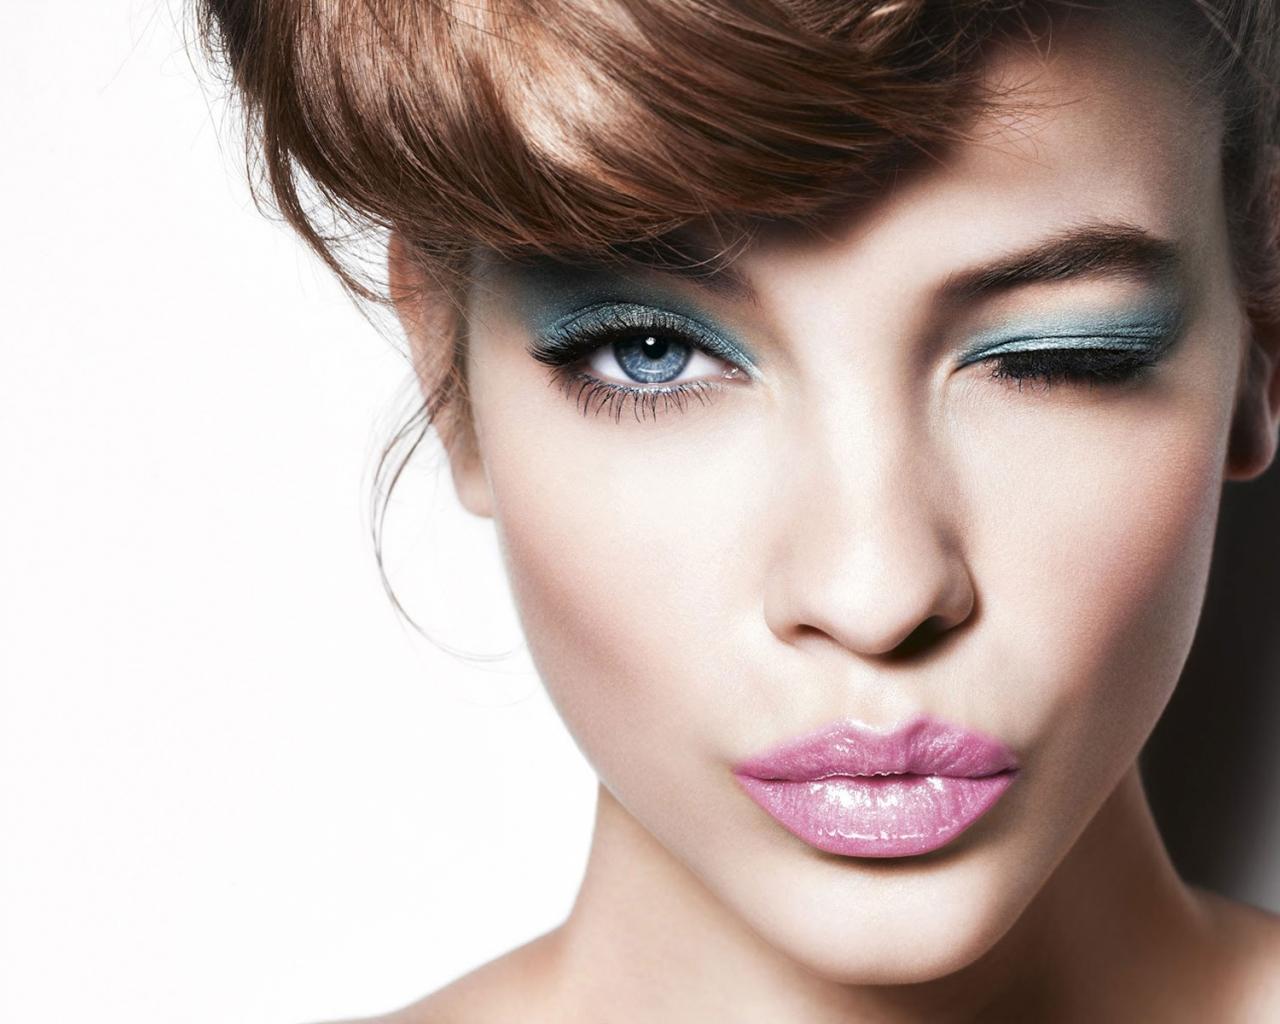 Правильная последовательность в работе с косметикой залог безупречного макияжа